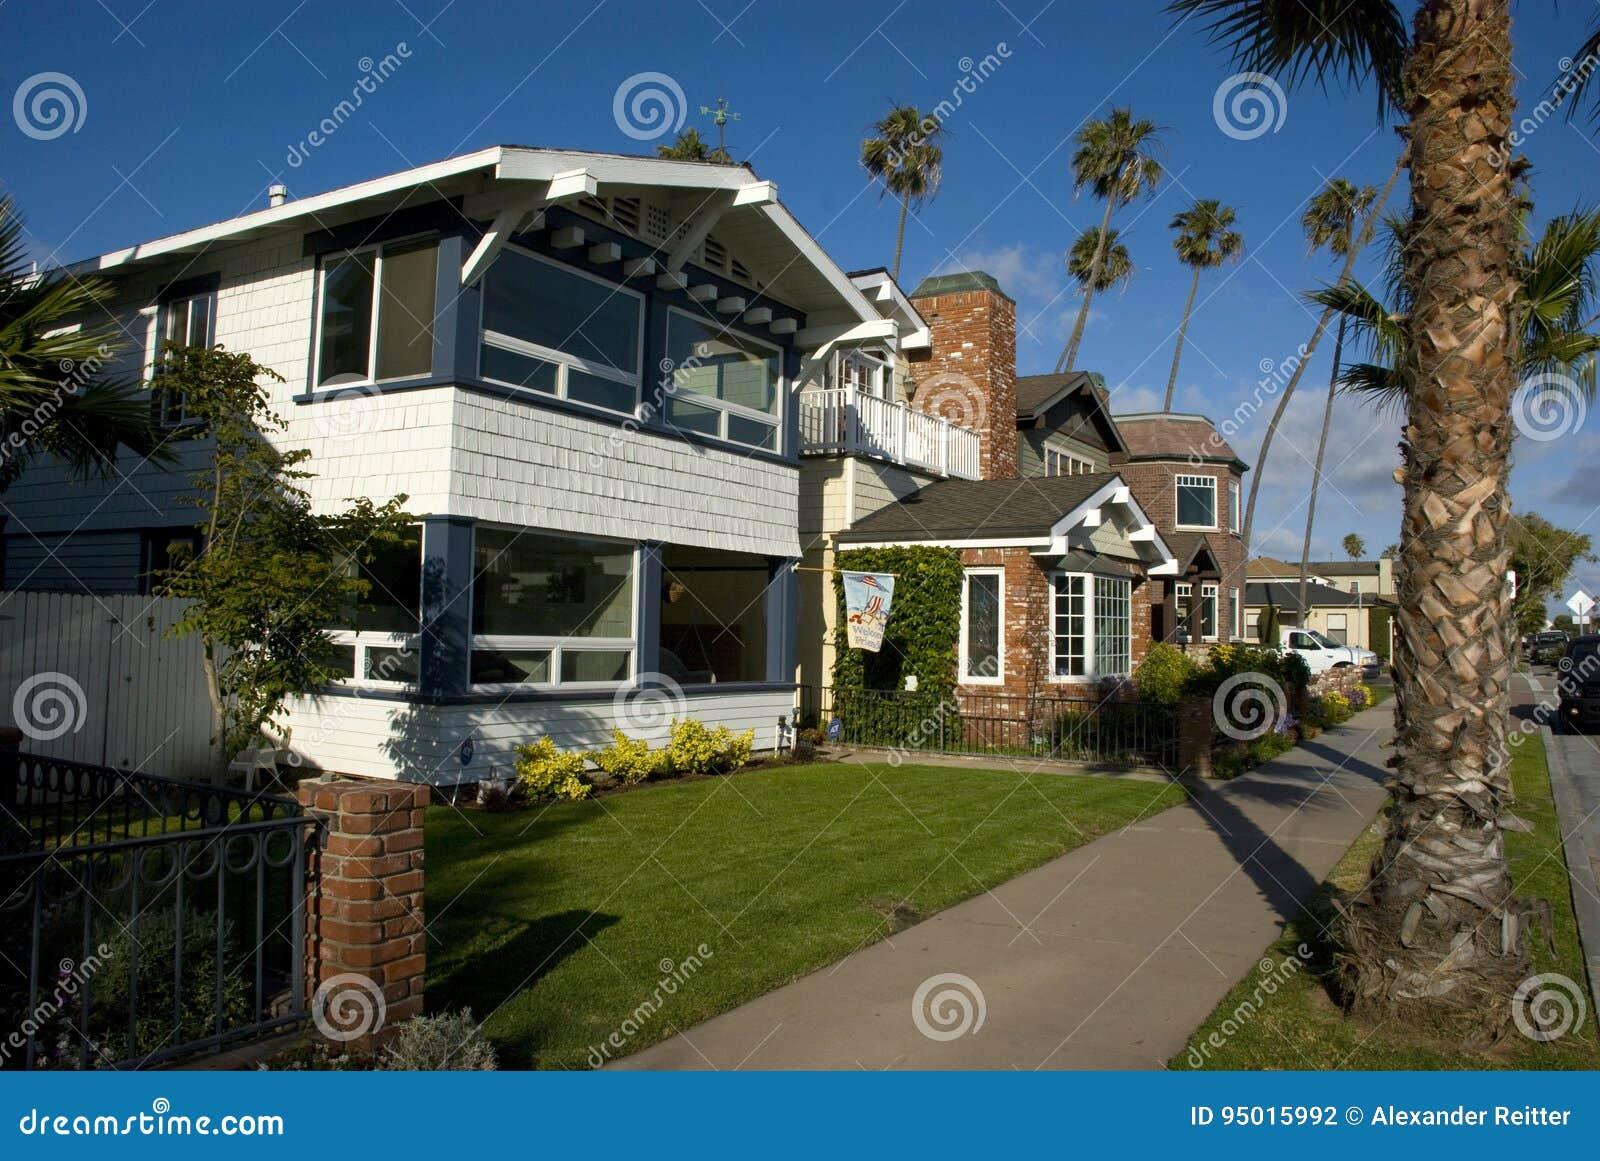 Le case americane classiche in guarnizione tirano la for Costruzione di case americane